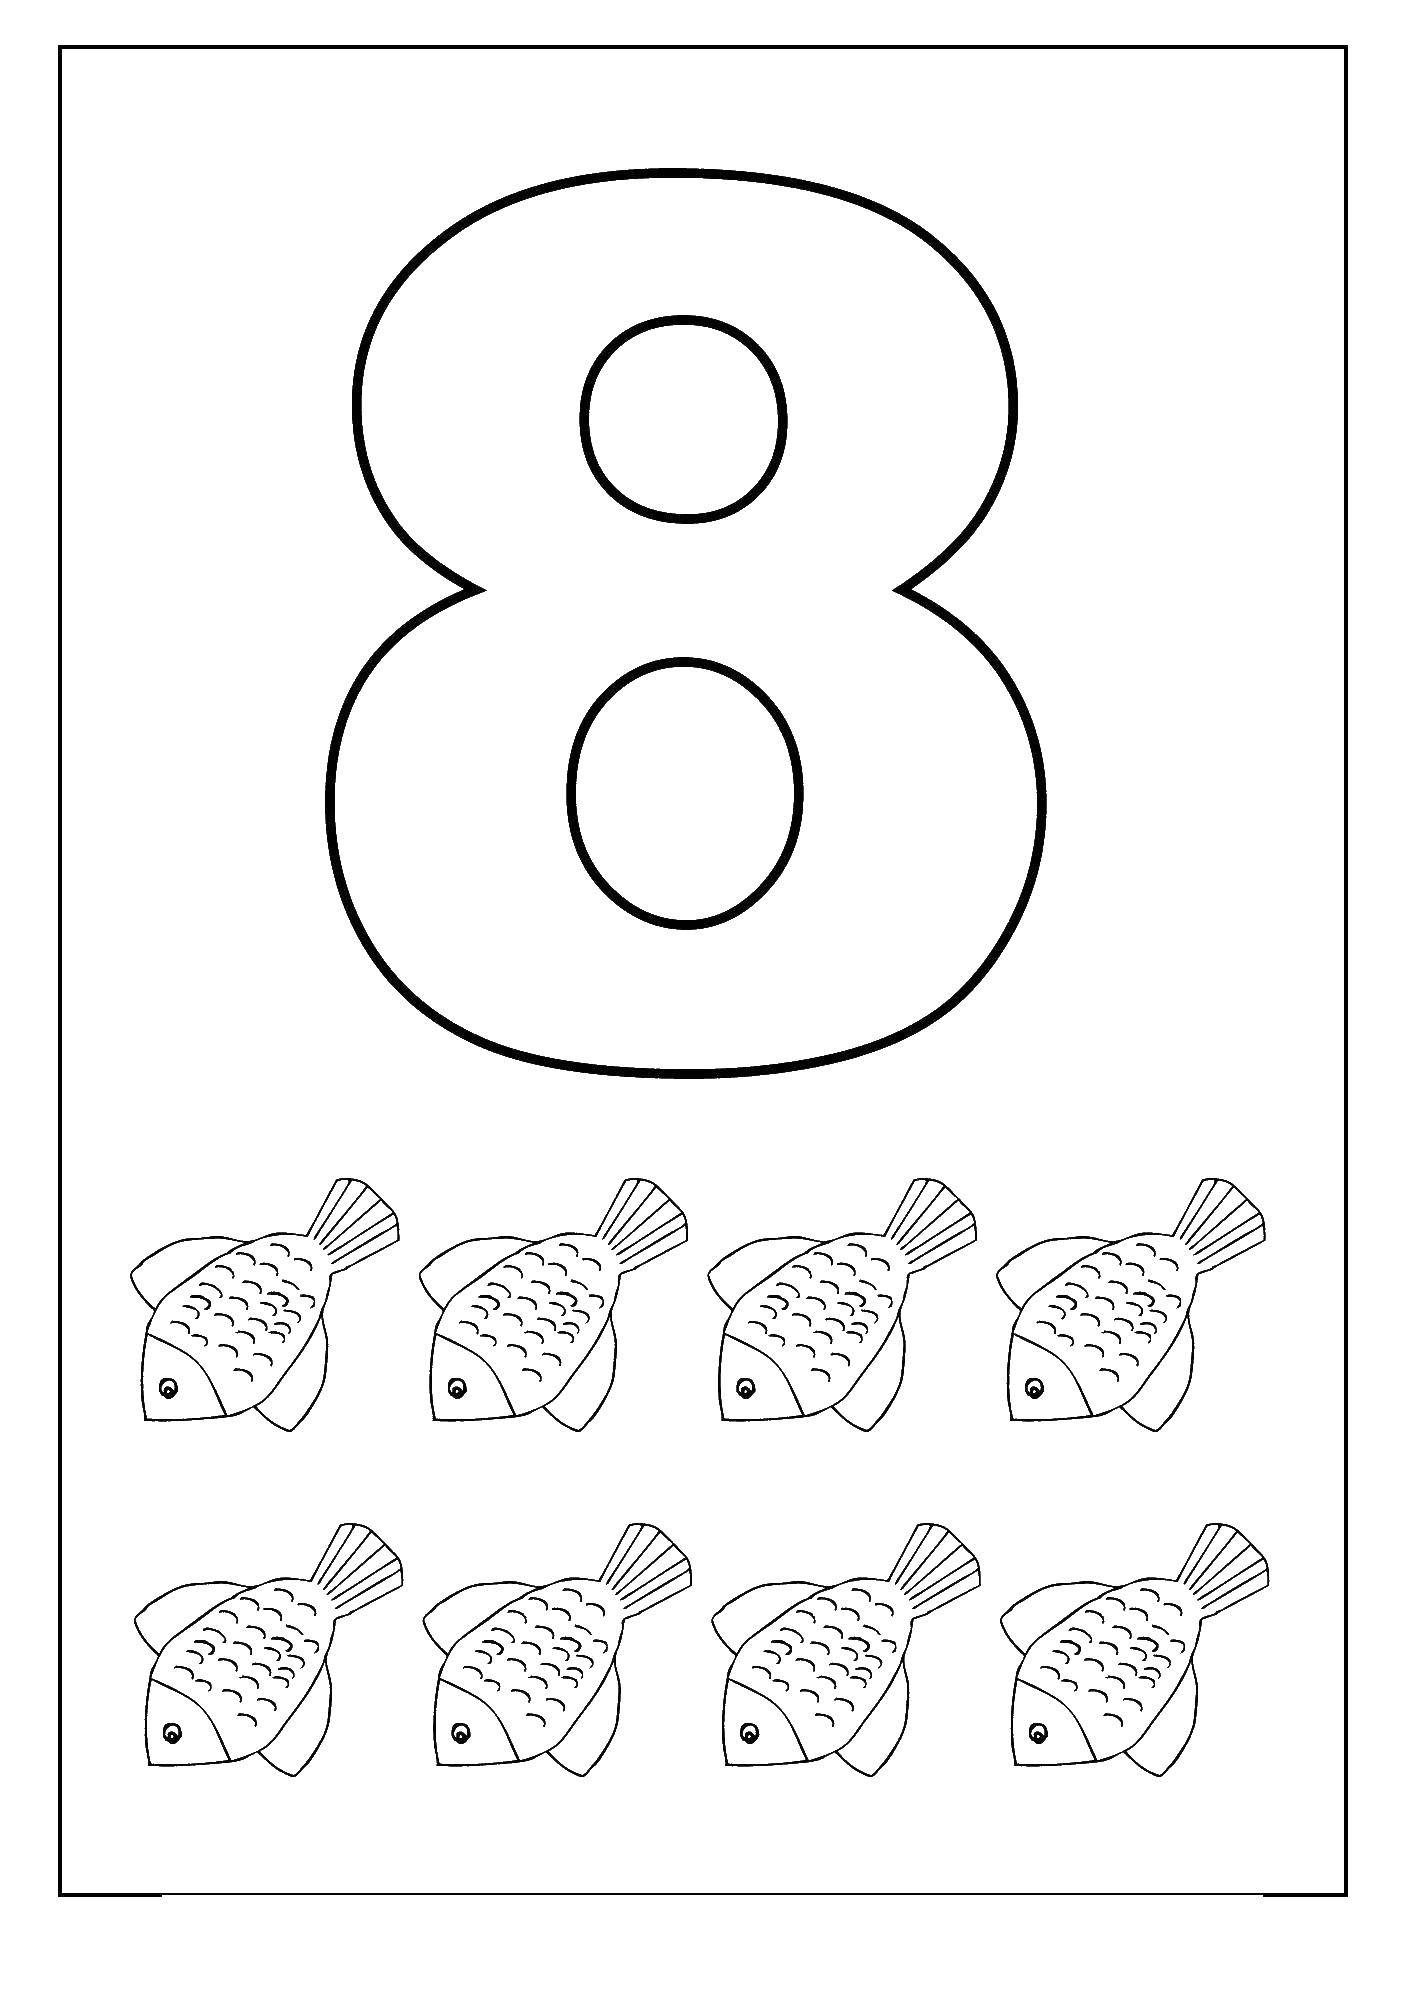 Раскраска математические раскраски Скачать Новый Год, ёлка, подарки, игрушки.  Распечатать ,новый год,